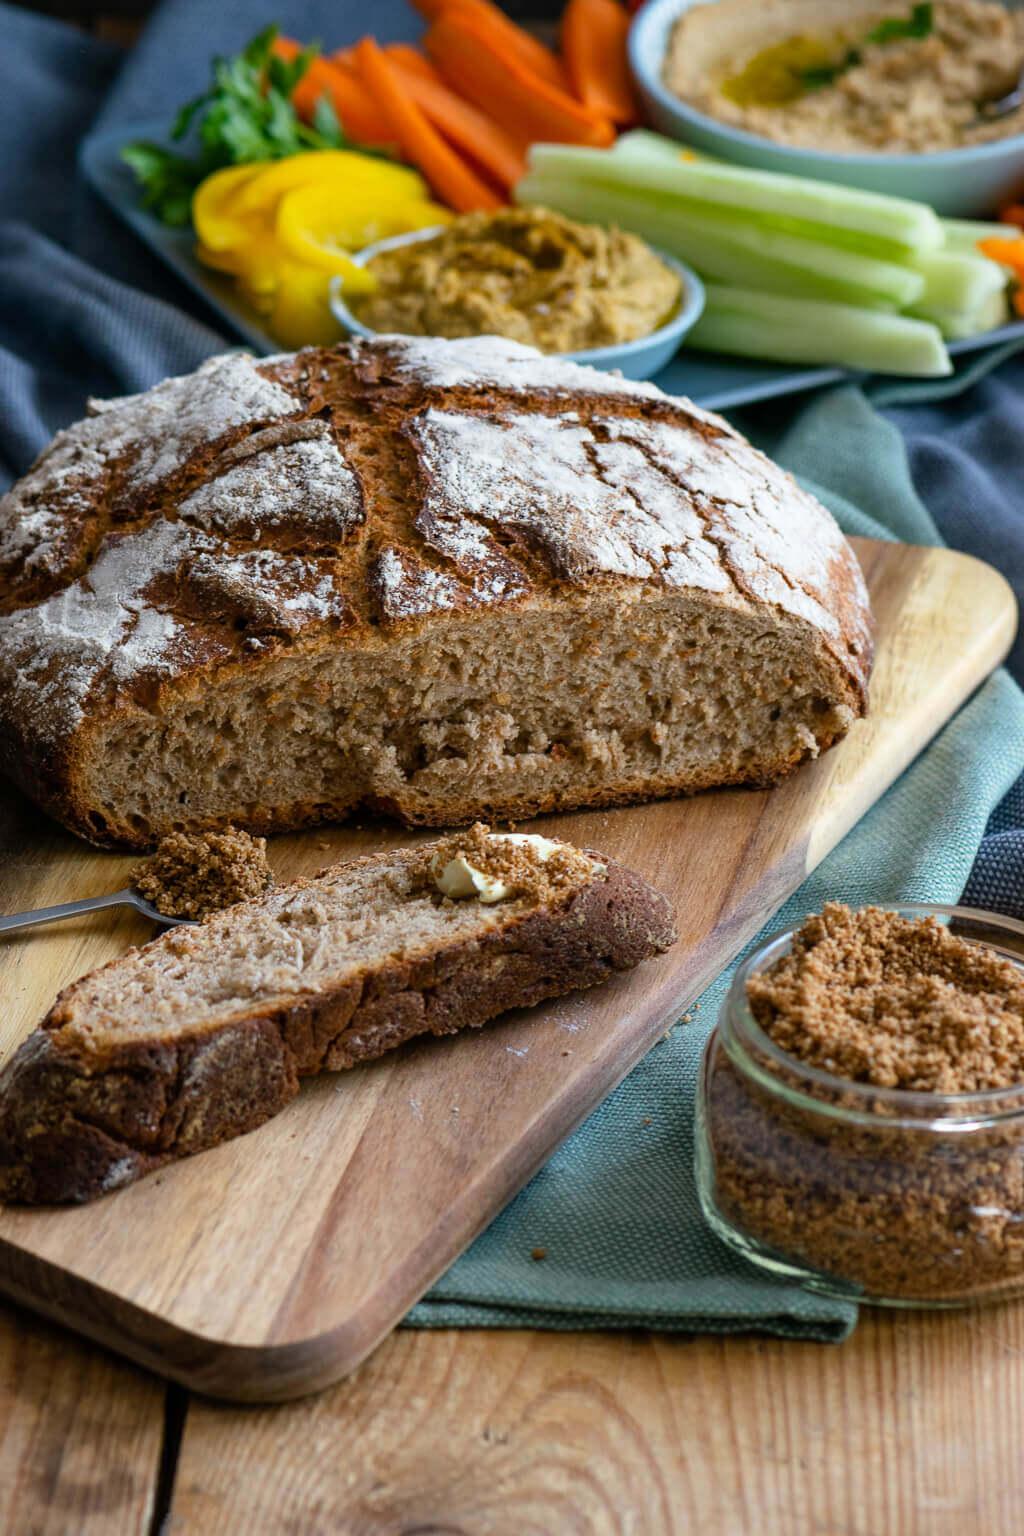 Leckere Brotzeit mit dem Thermomix® – Bauernbrot, Sesamsalz, Rohkost, Hummus & Honig Senf Frischkäse Dip